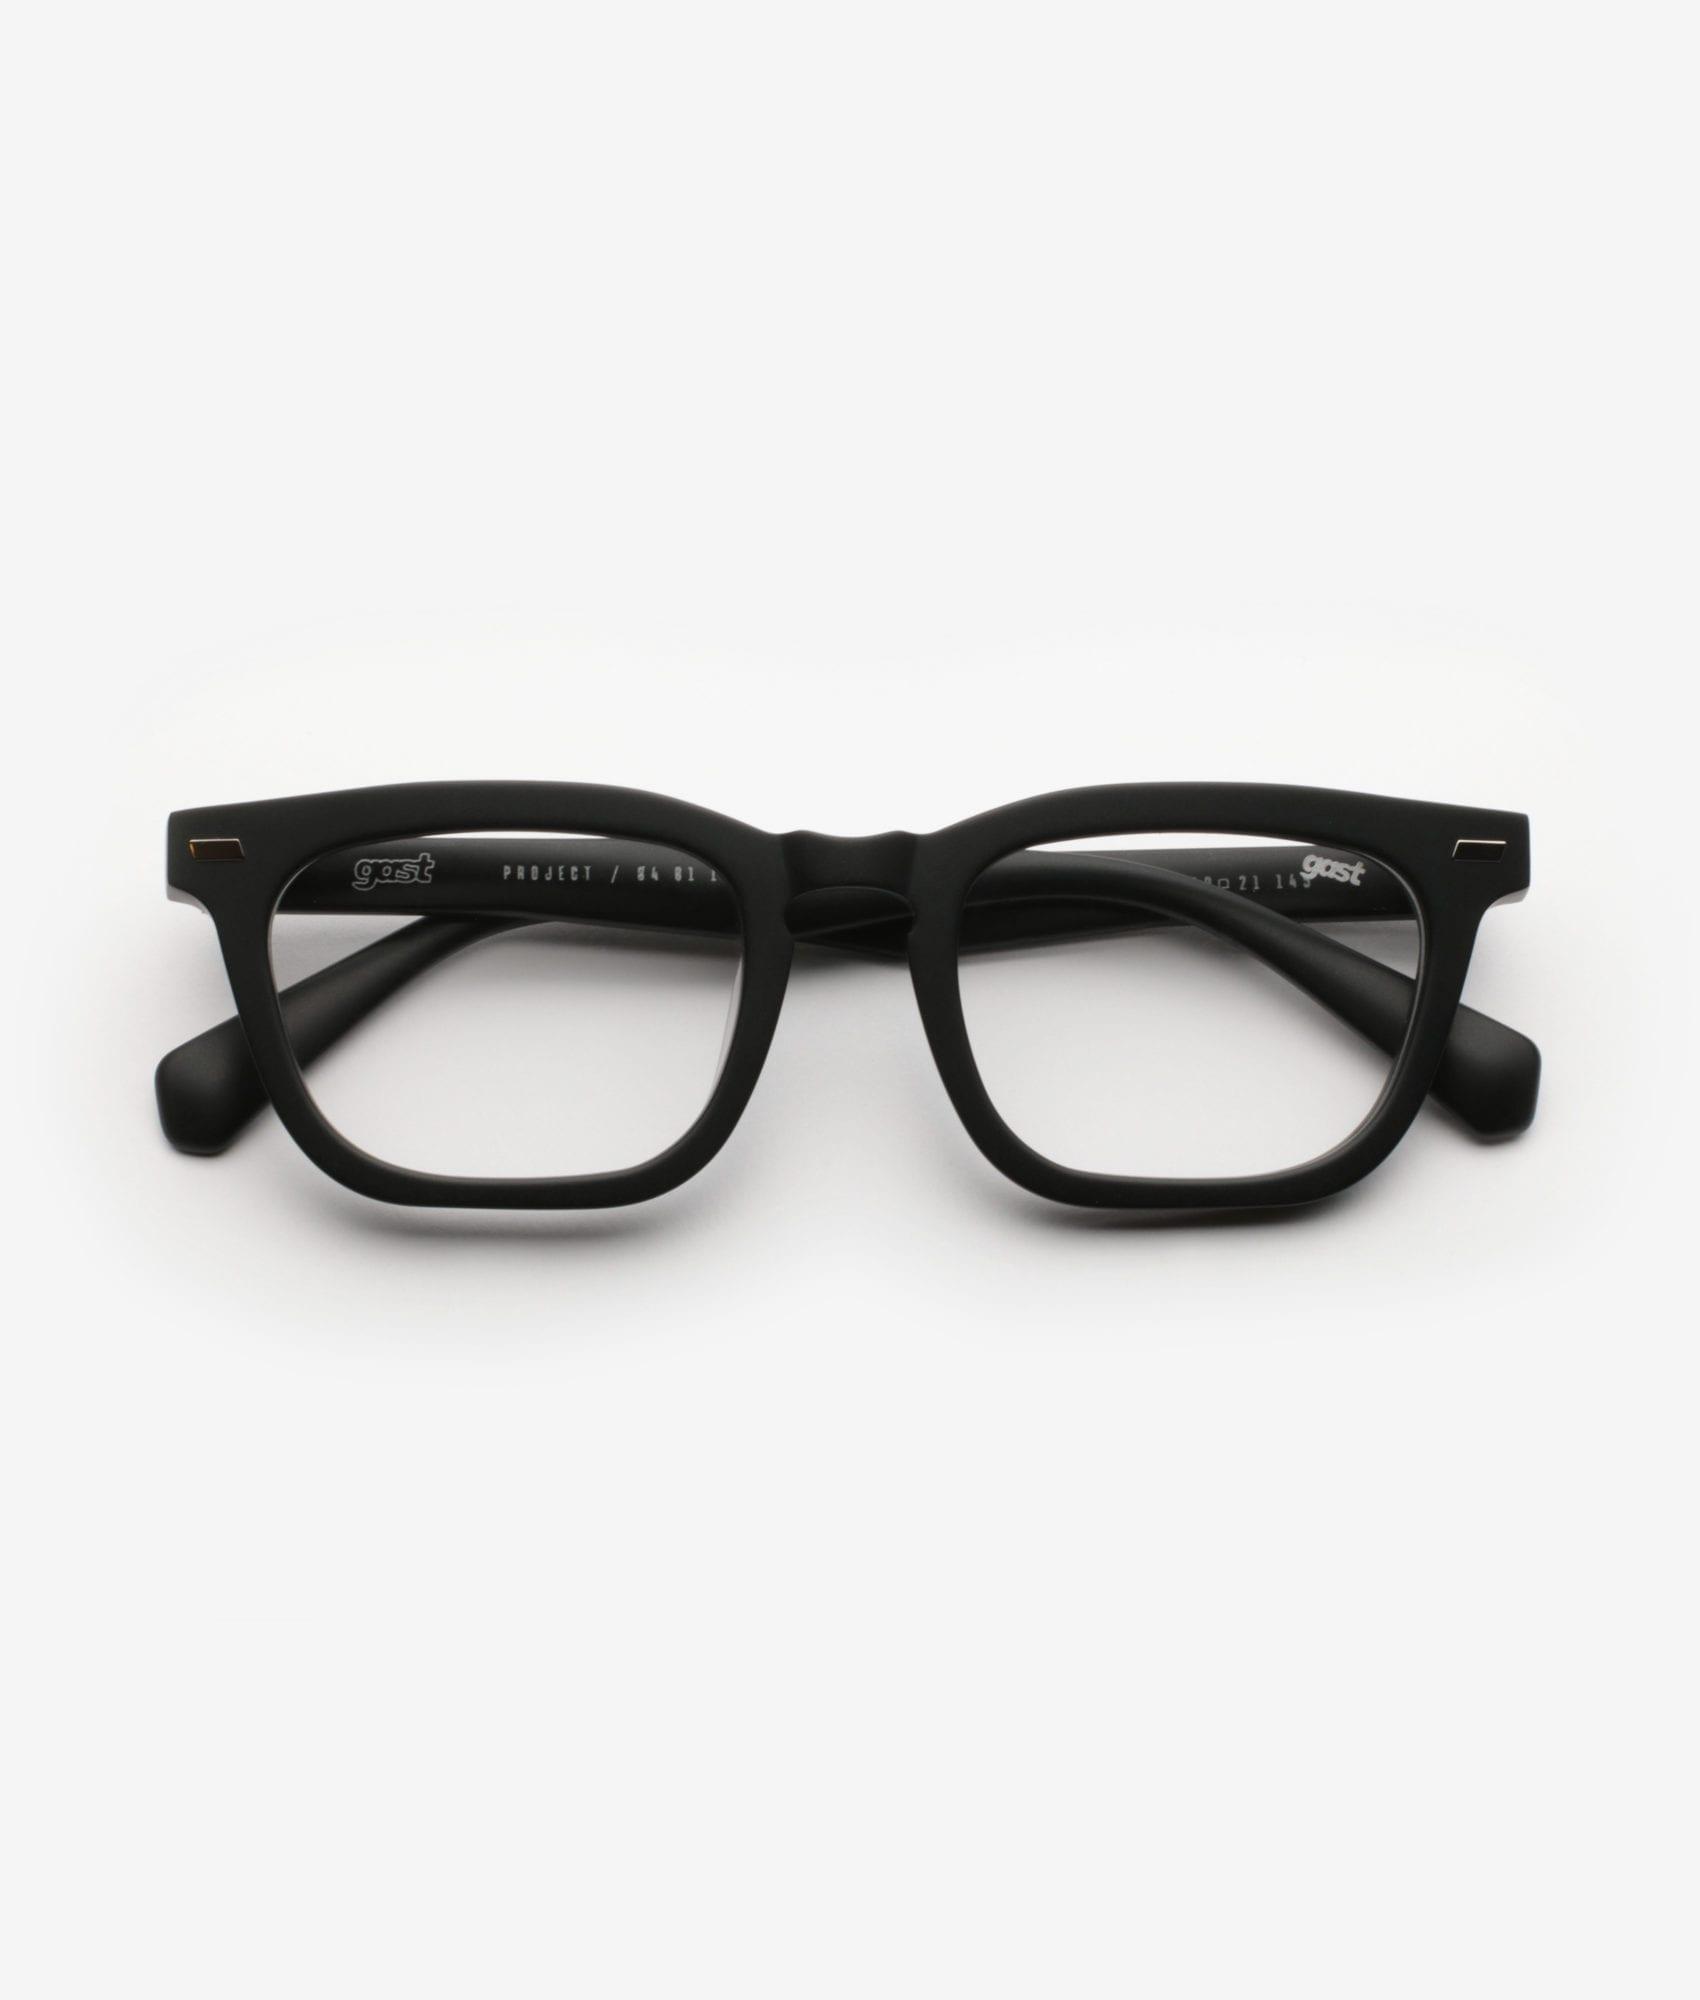 Adre Black Gast eyewear